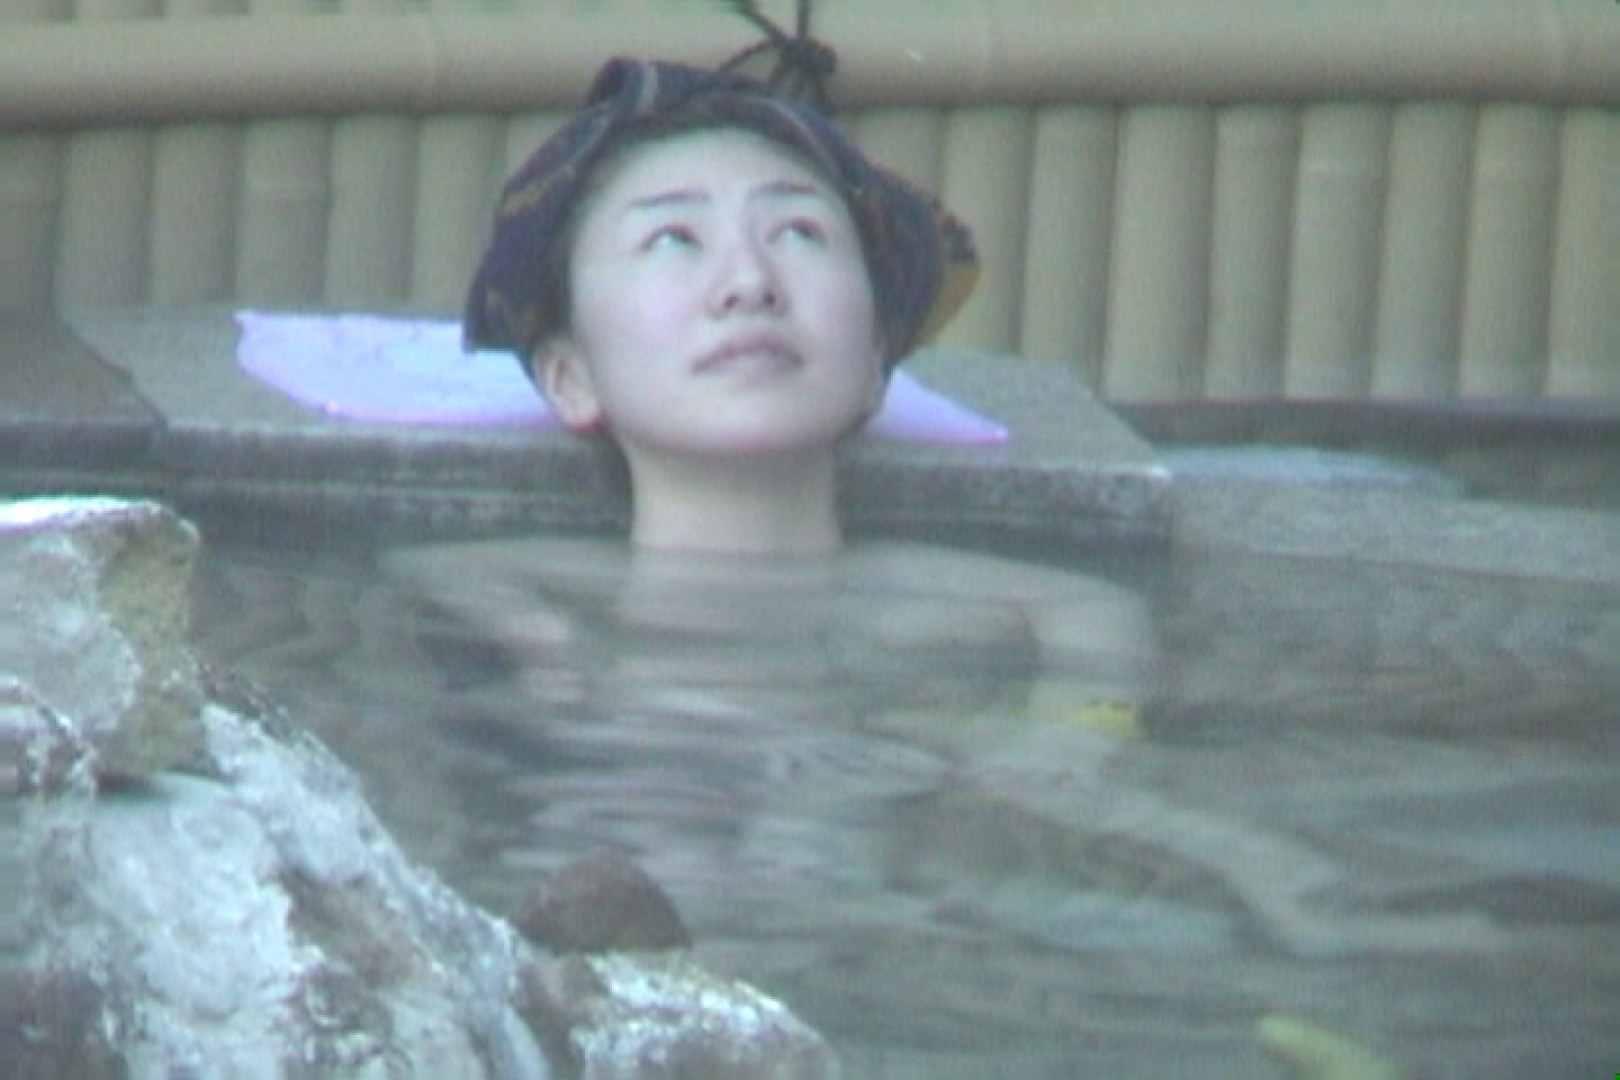 Aquaな露天風呂Vol.607 盗撮  90枚 75